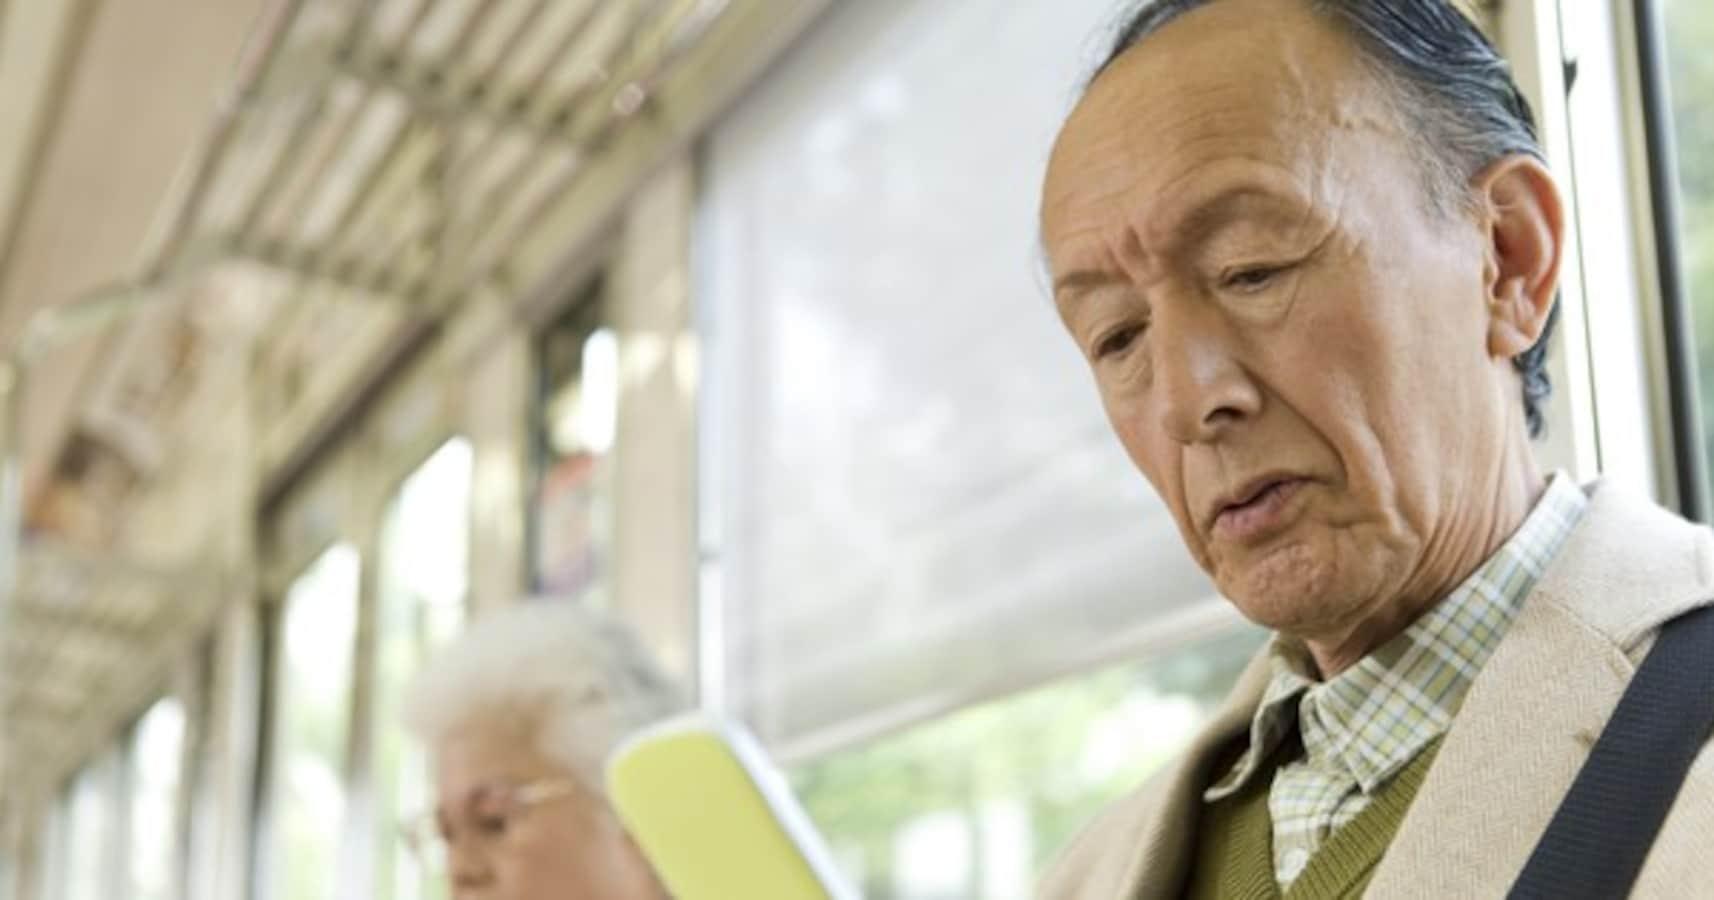 暴走老人」激増中! キレる高齢者が増える3つの理由 | citrus(シトラス)